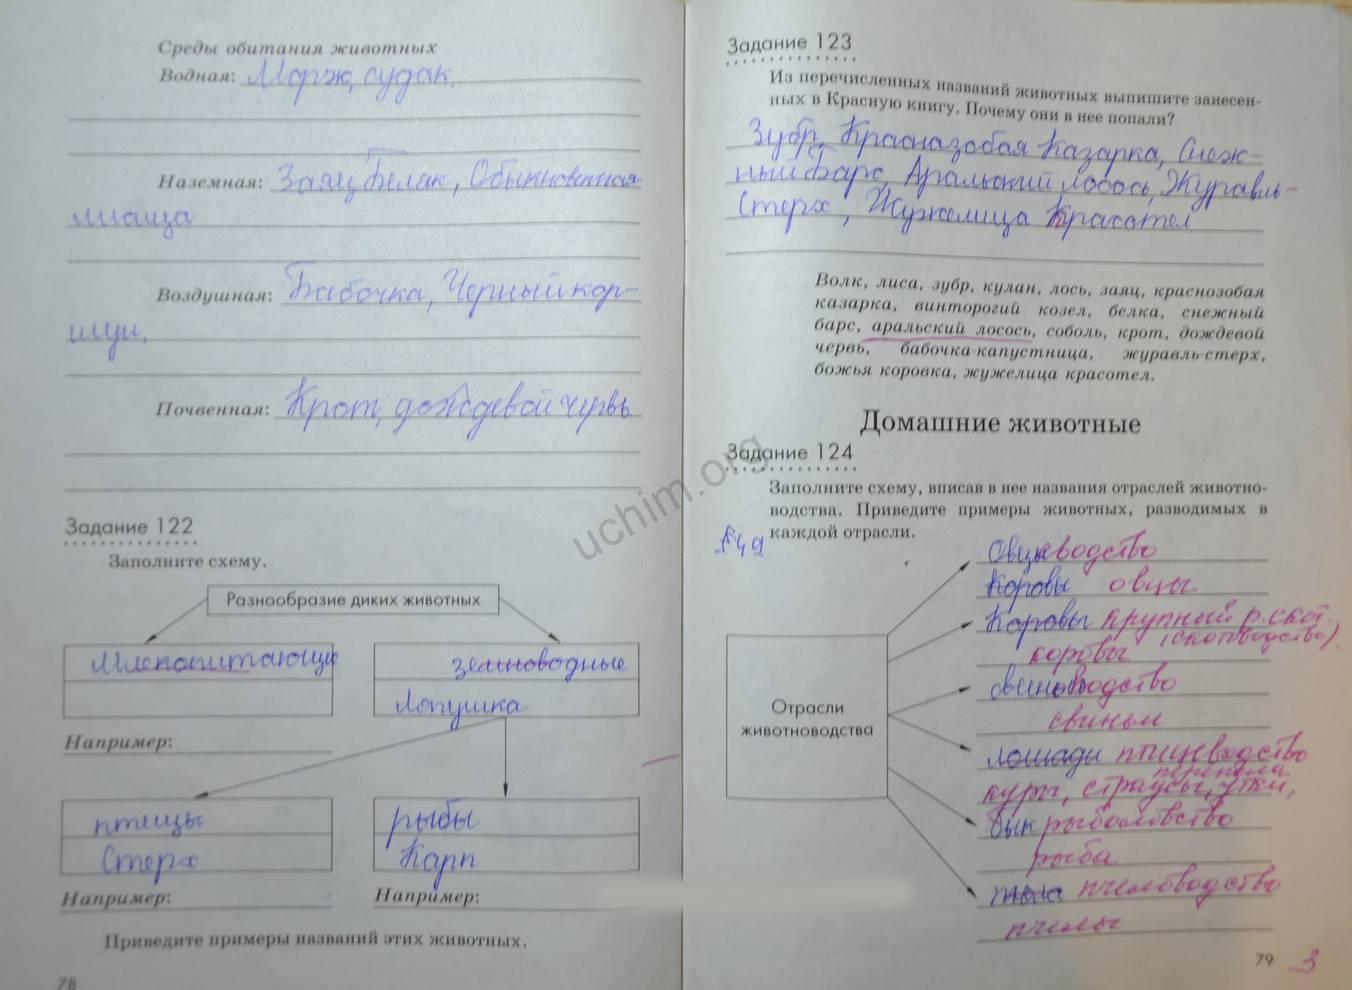 гдз по природоведению 5 класс рабочая тетрадь: